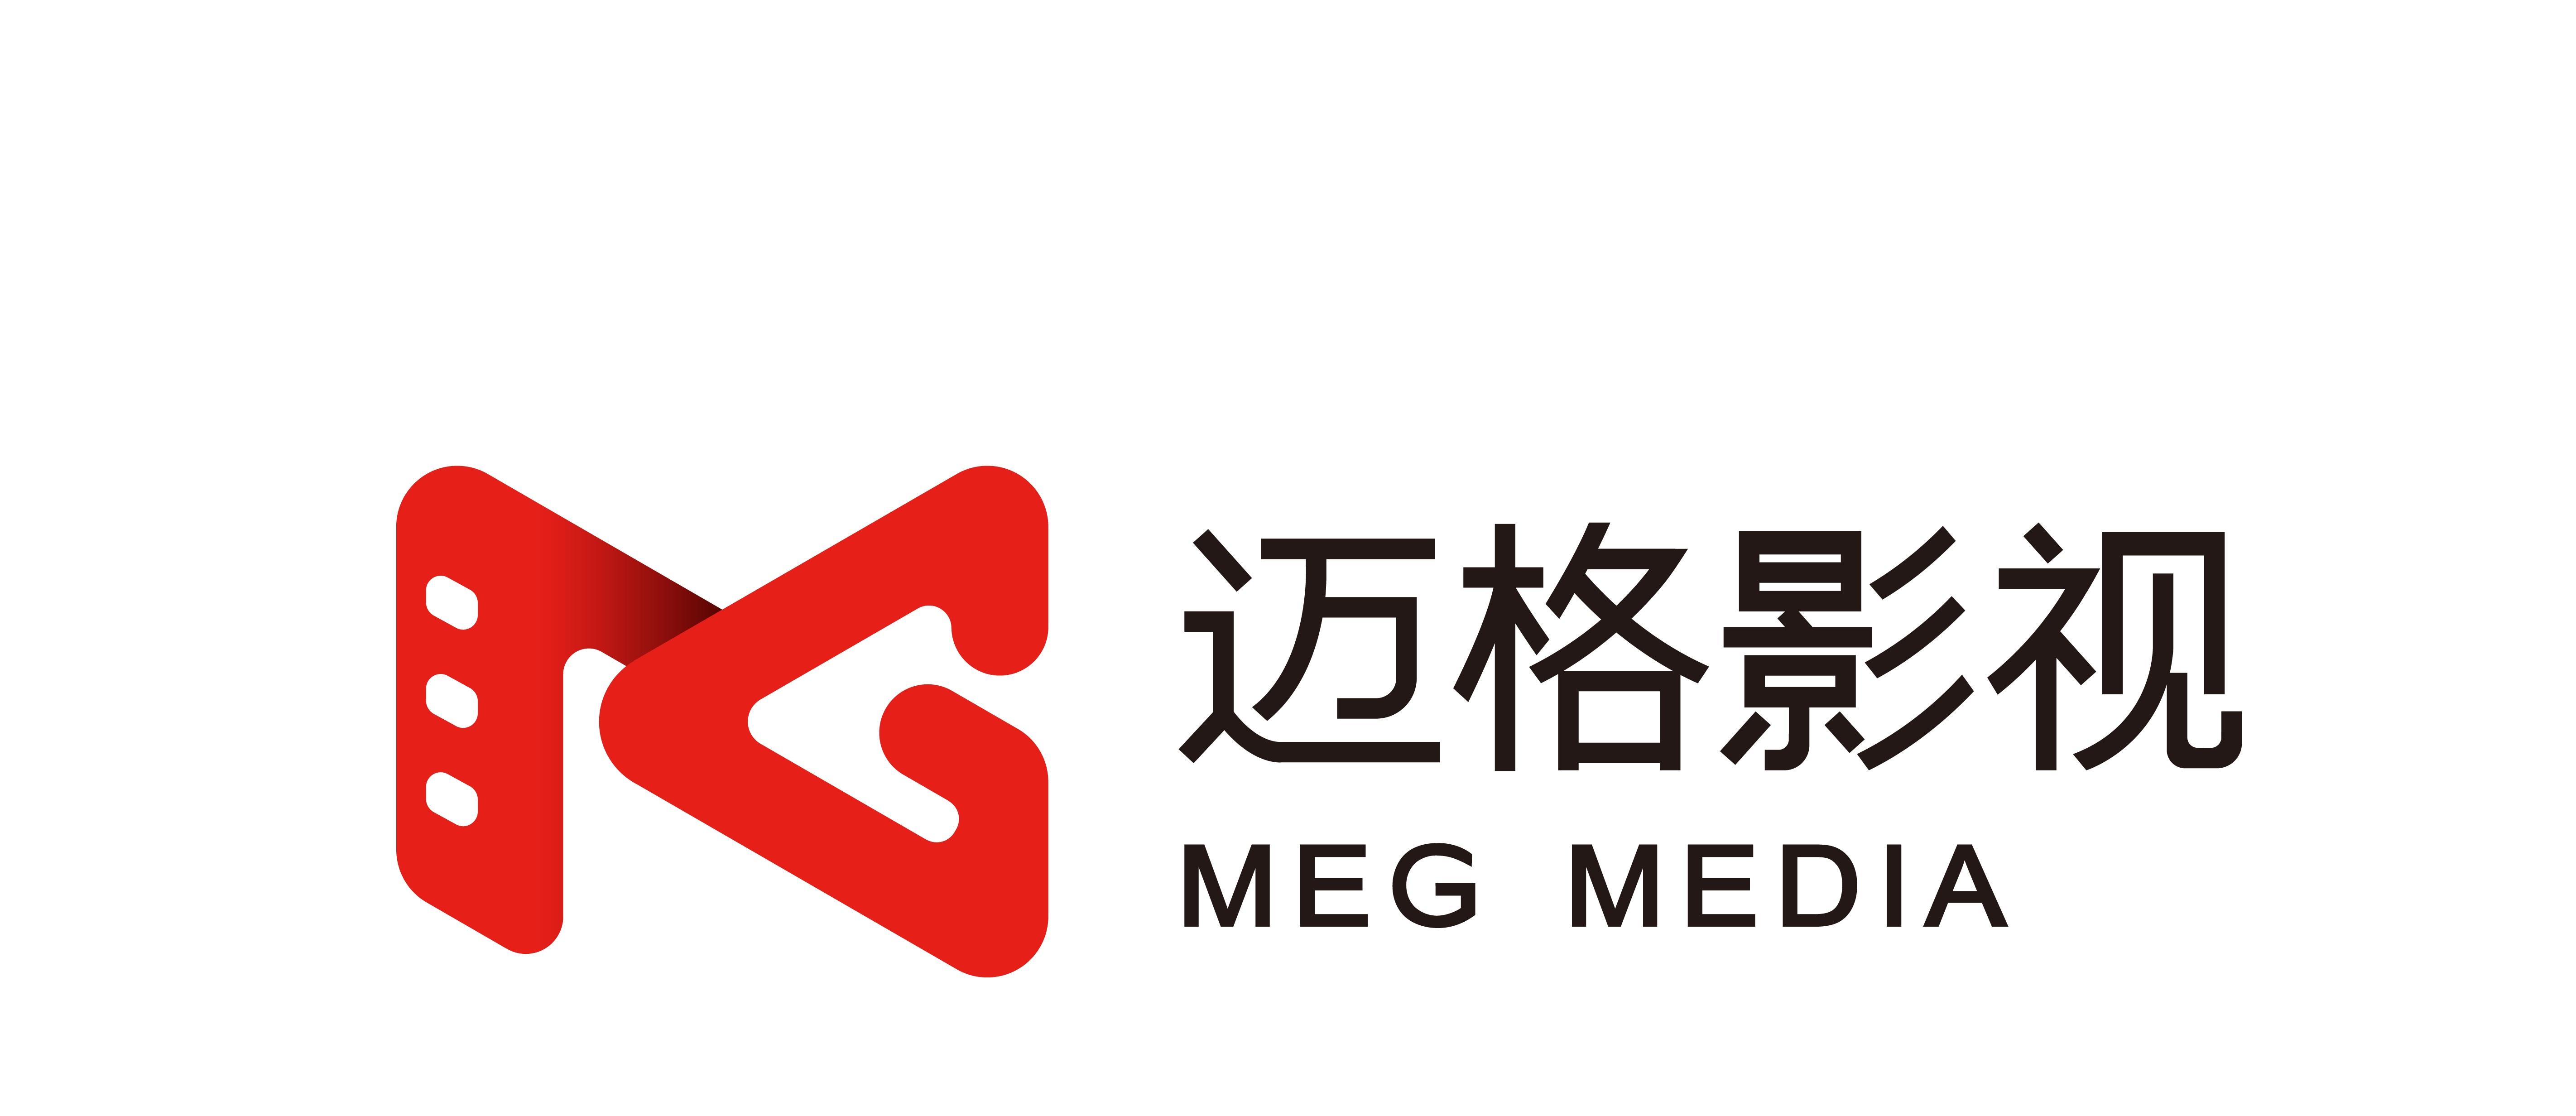 深圳影视公司-深圳企业宣传片拍摄-深圳影视制作